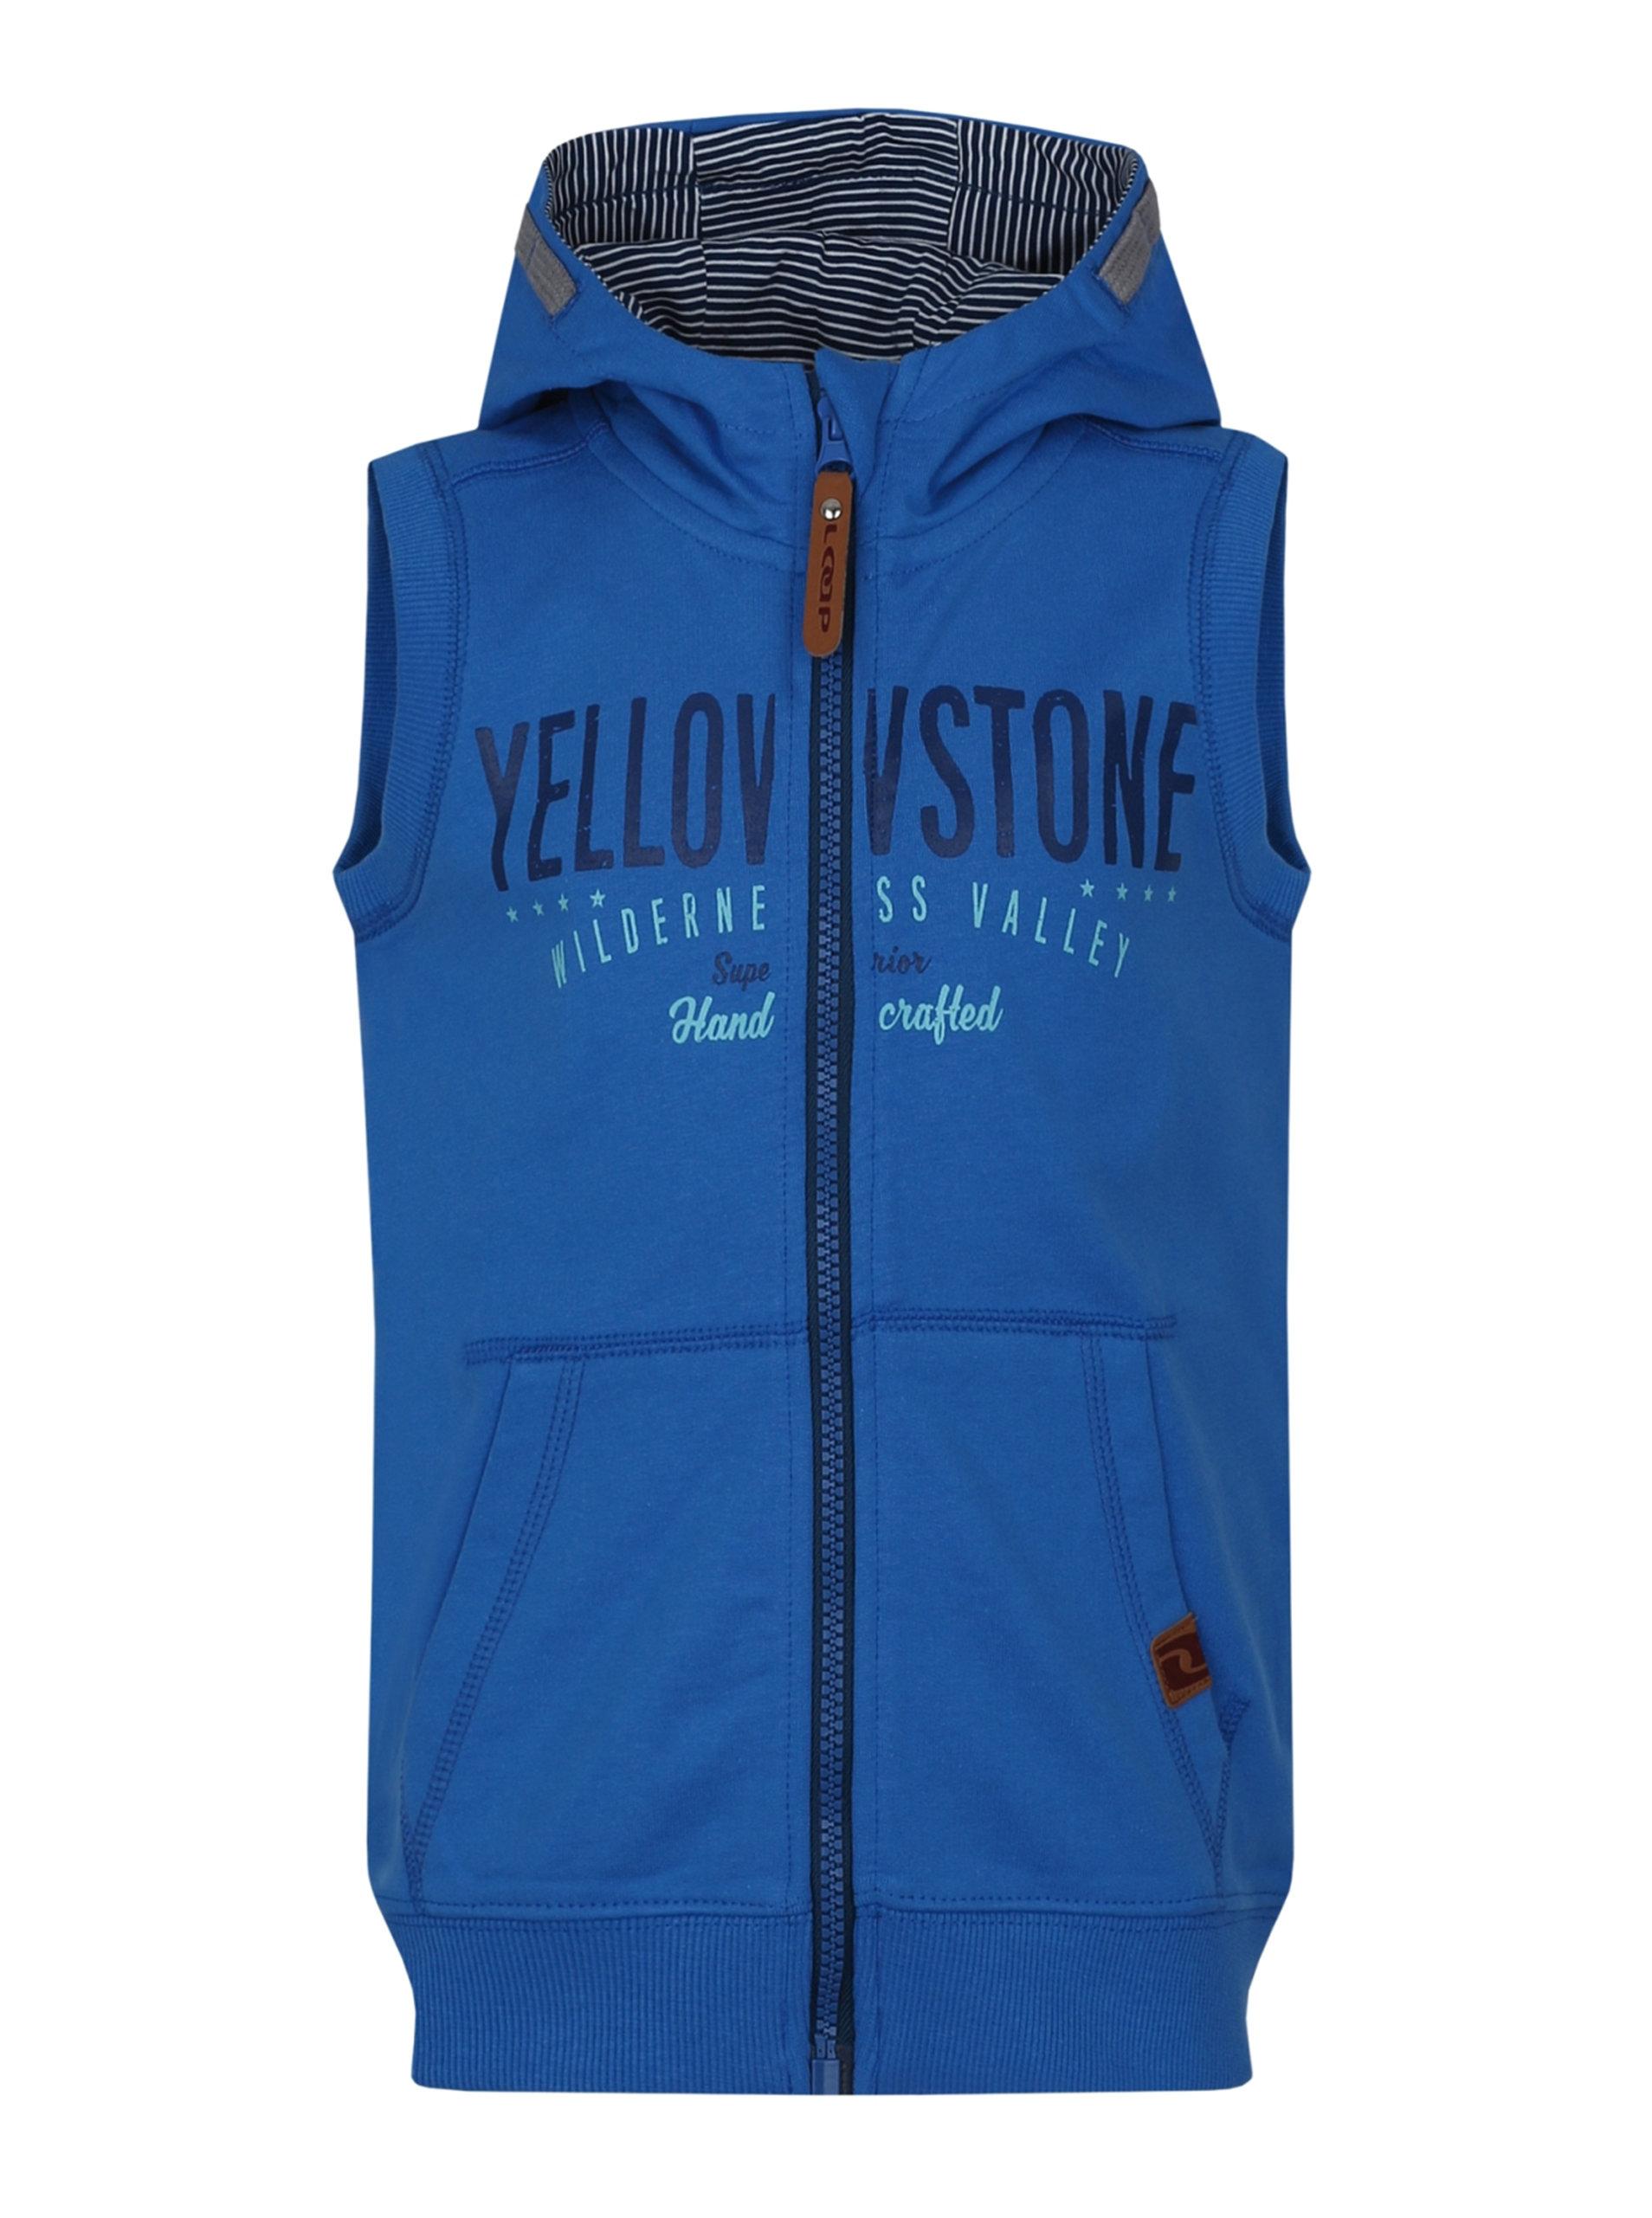 cb6de0a70370 Modrá chlapčenská mikinová vesta s kapucňou LOAP Hytek ...